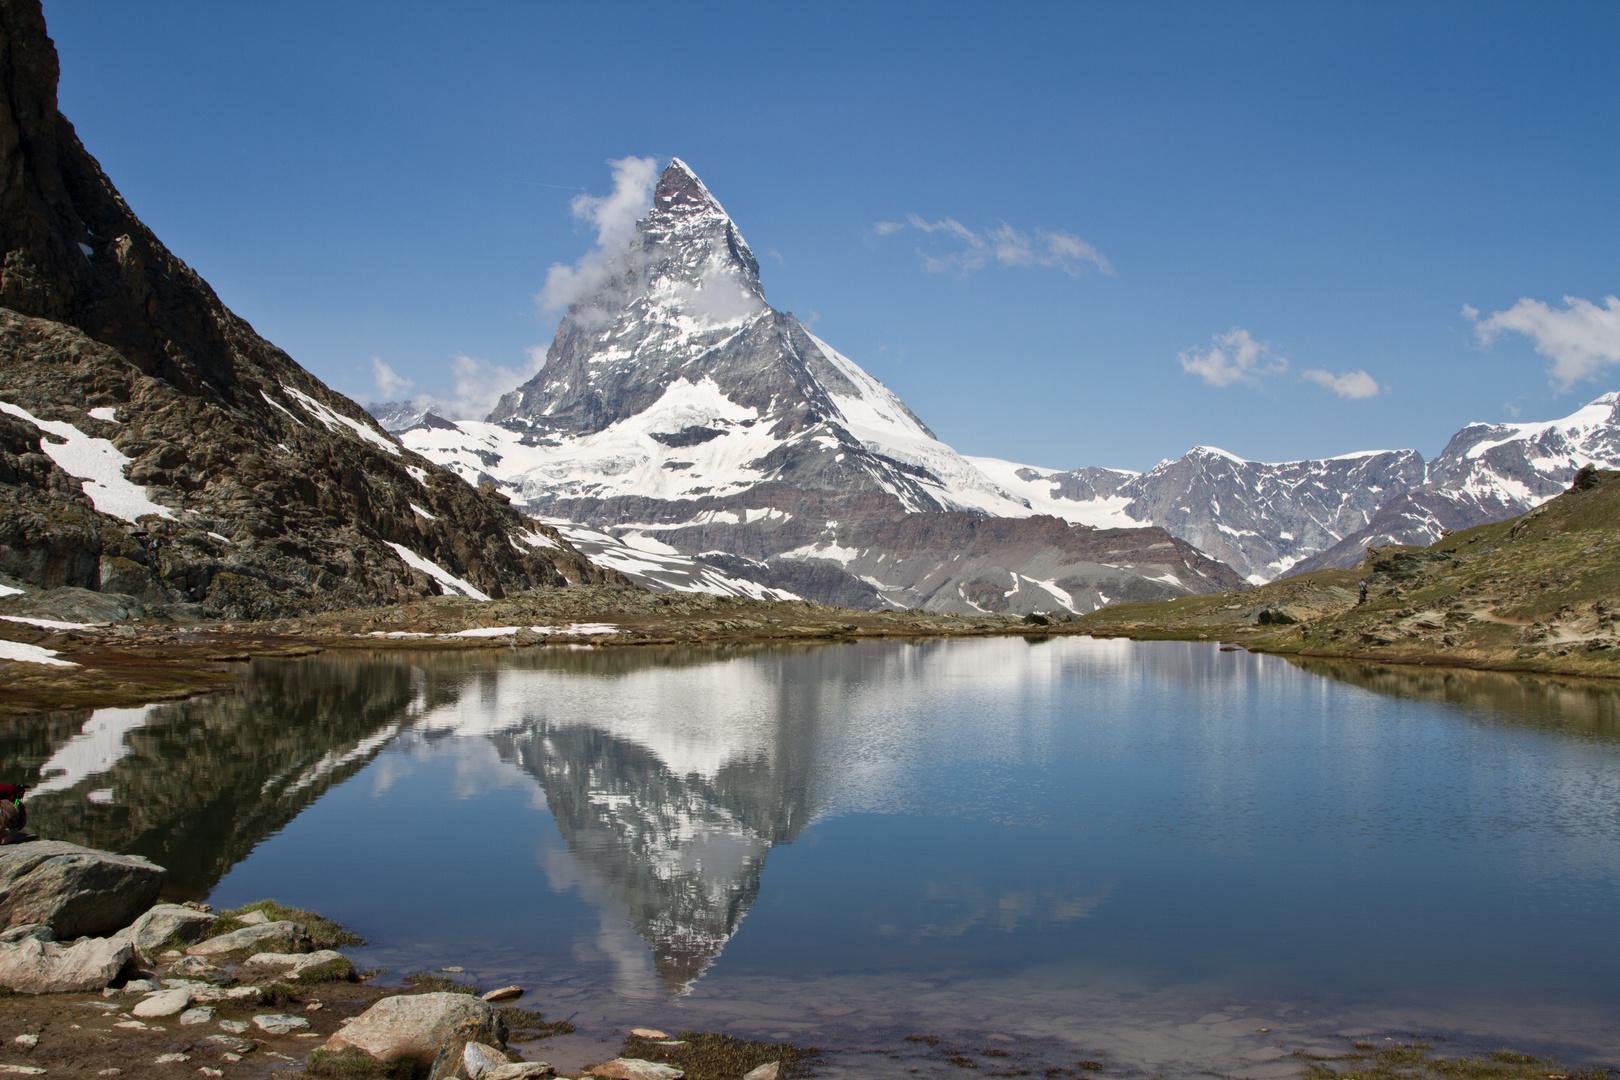 Spiegelung des Matterhorns